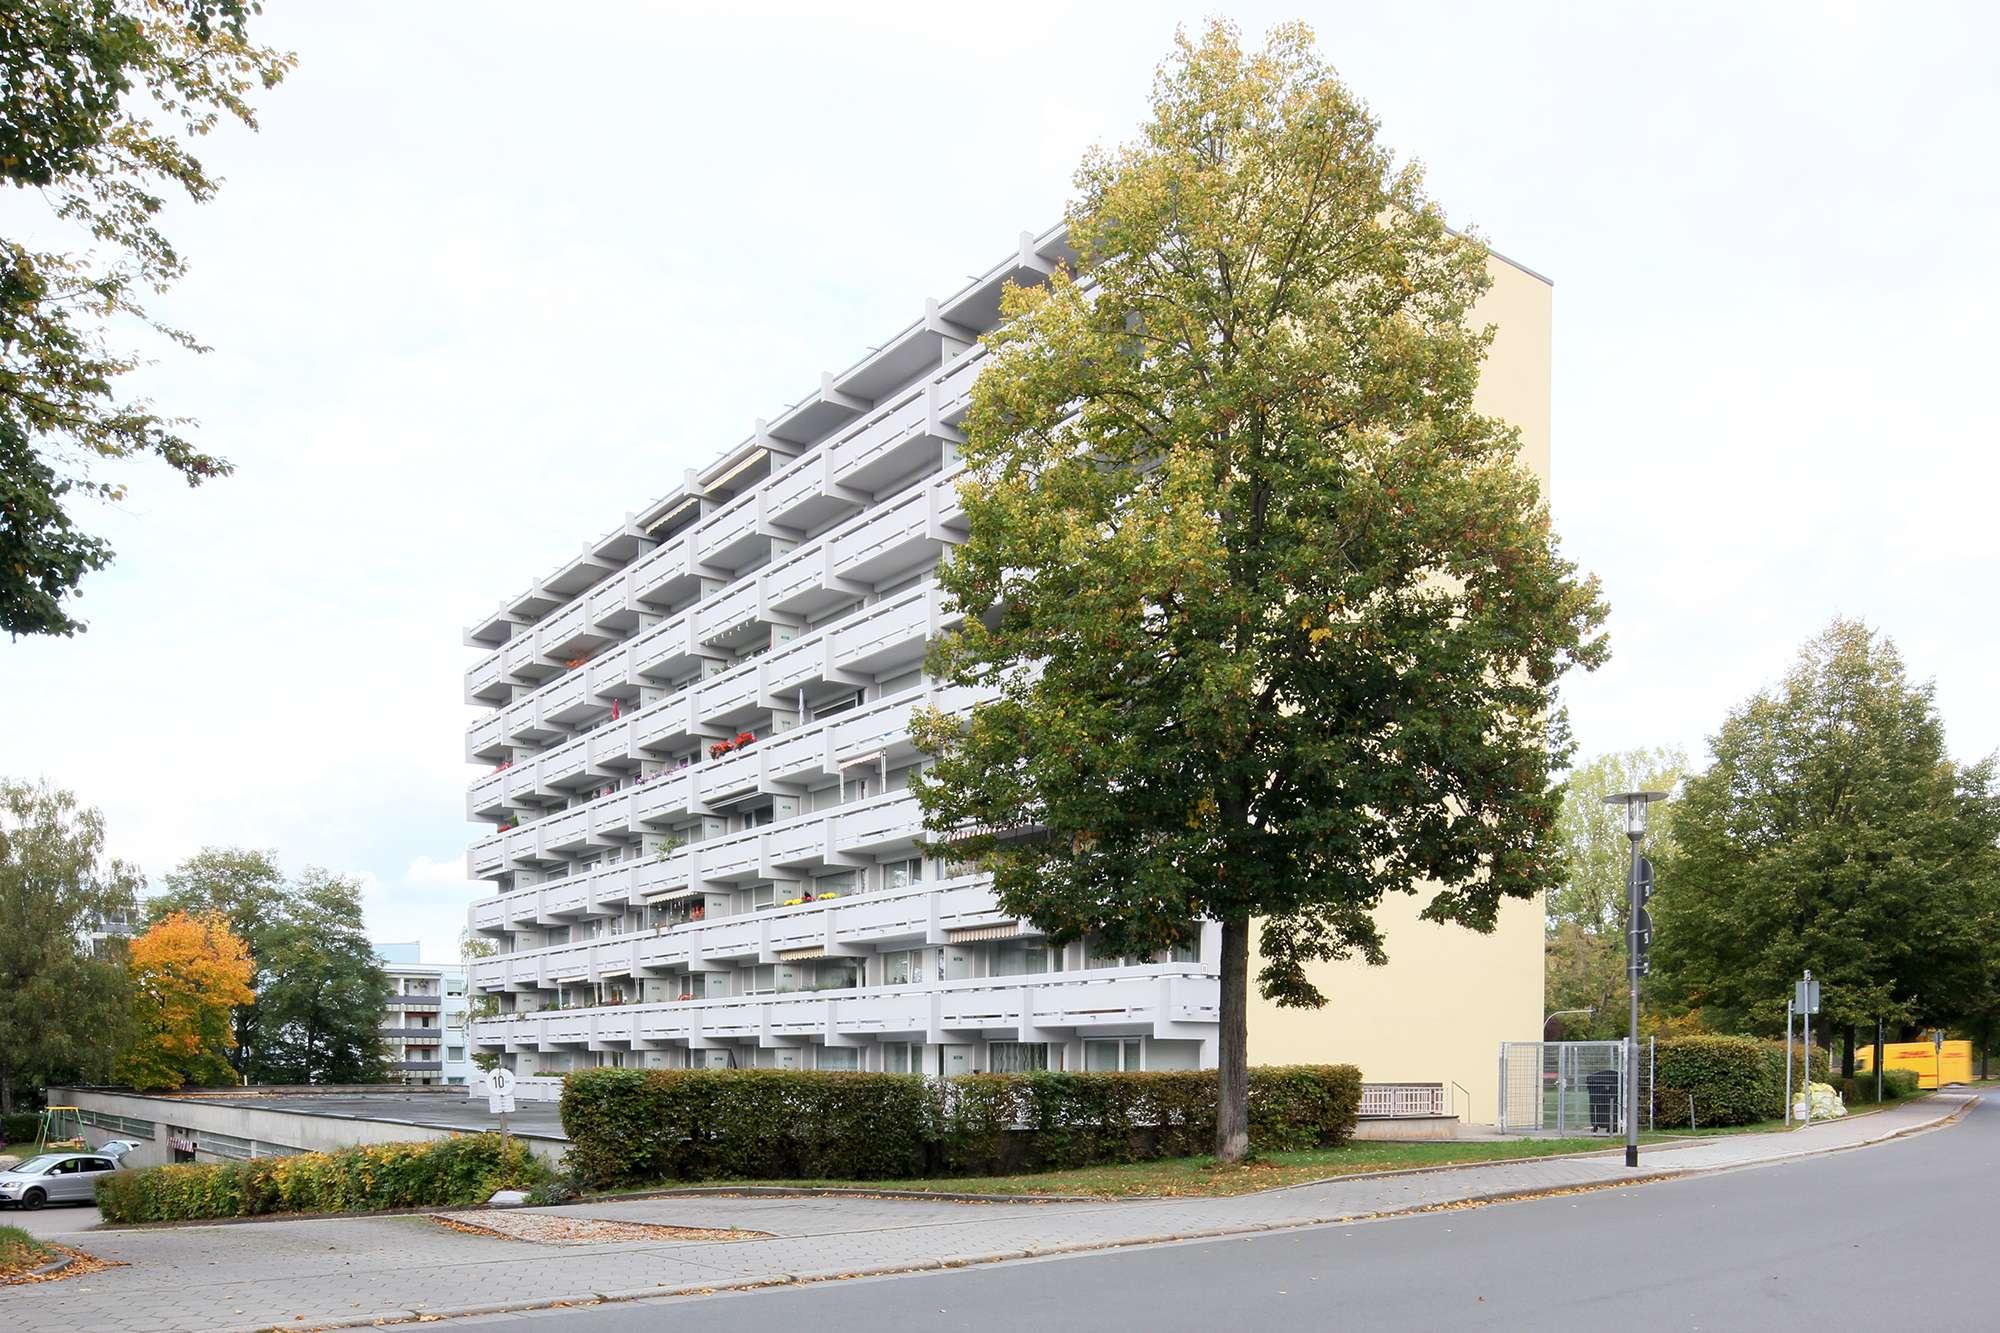 Schöne 2-Zimmer-Wohnung in zentraler Lage mit Panoramablick über Bayreuth!